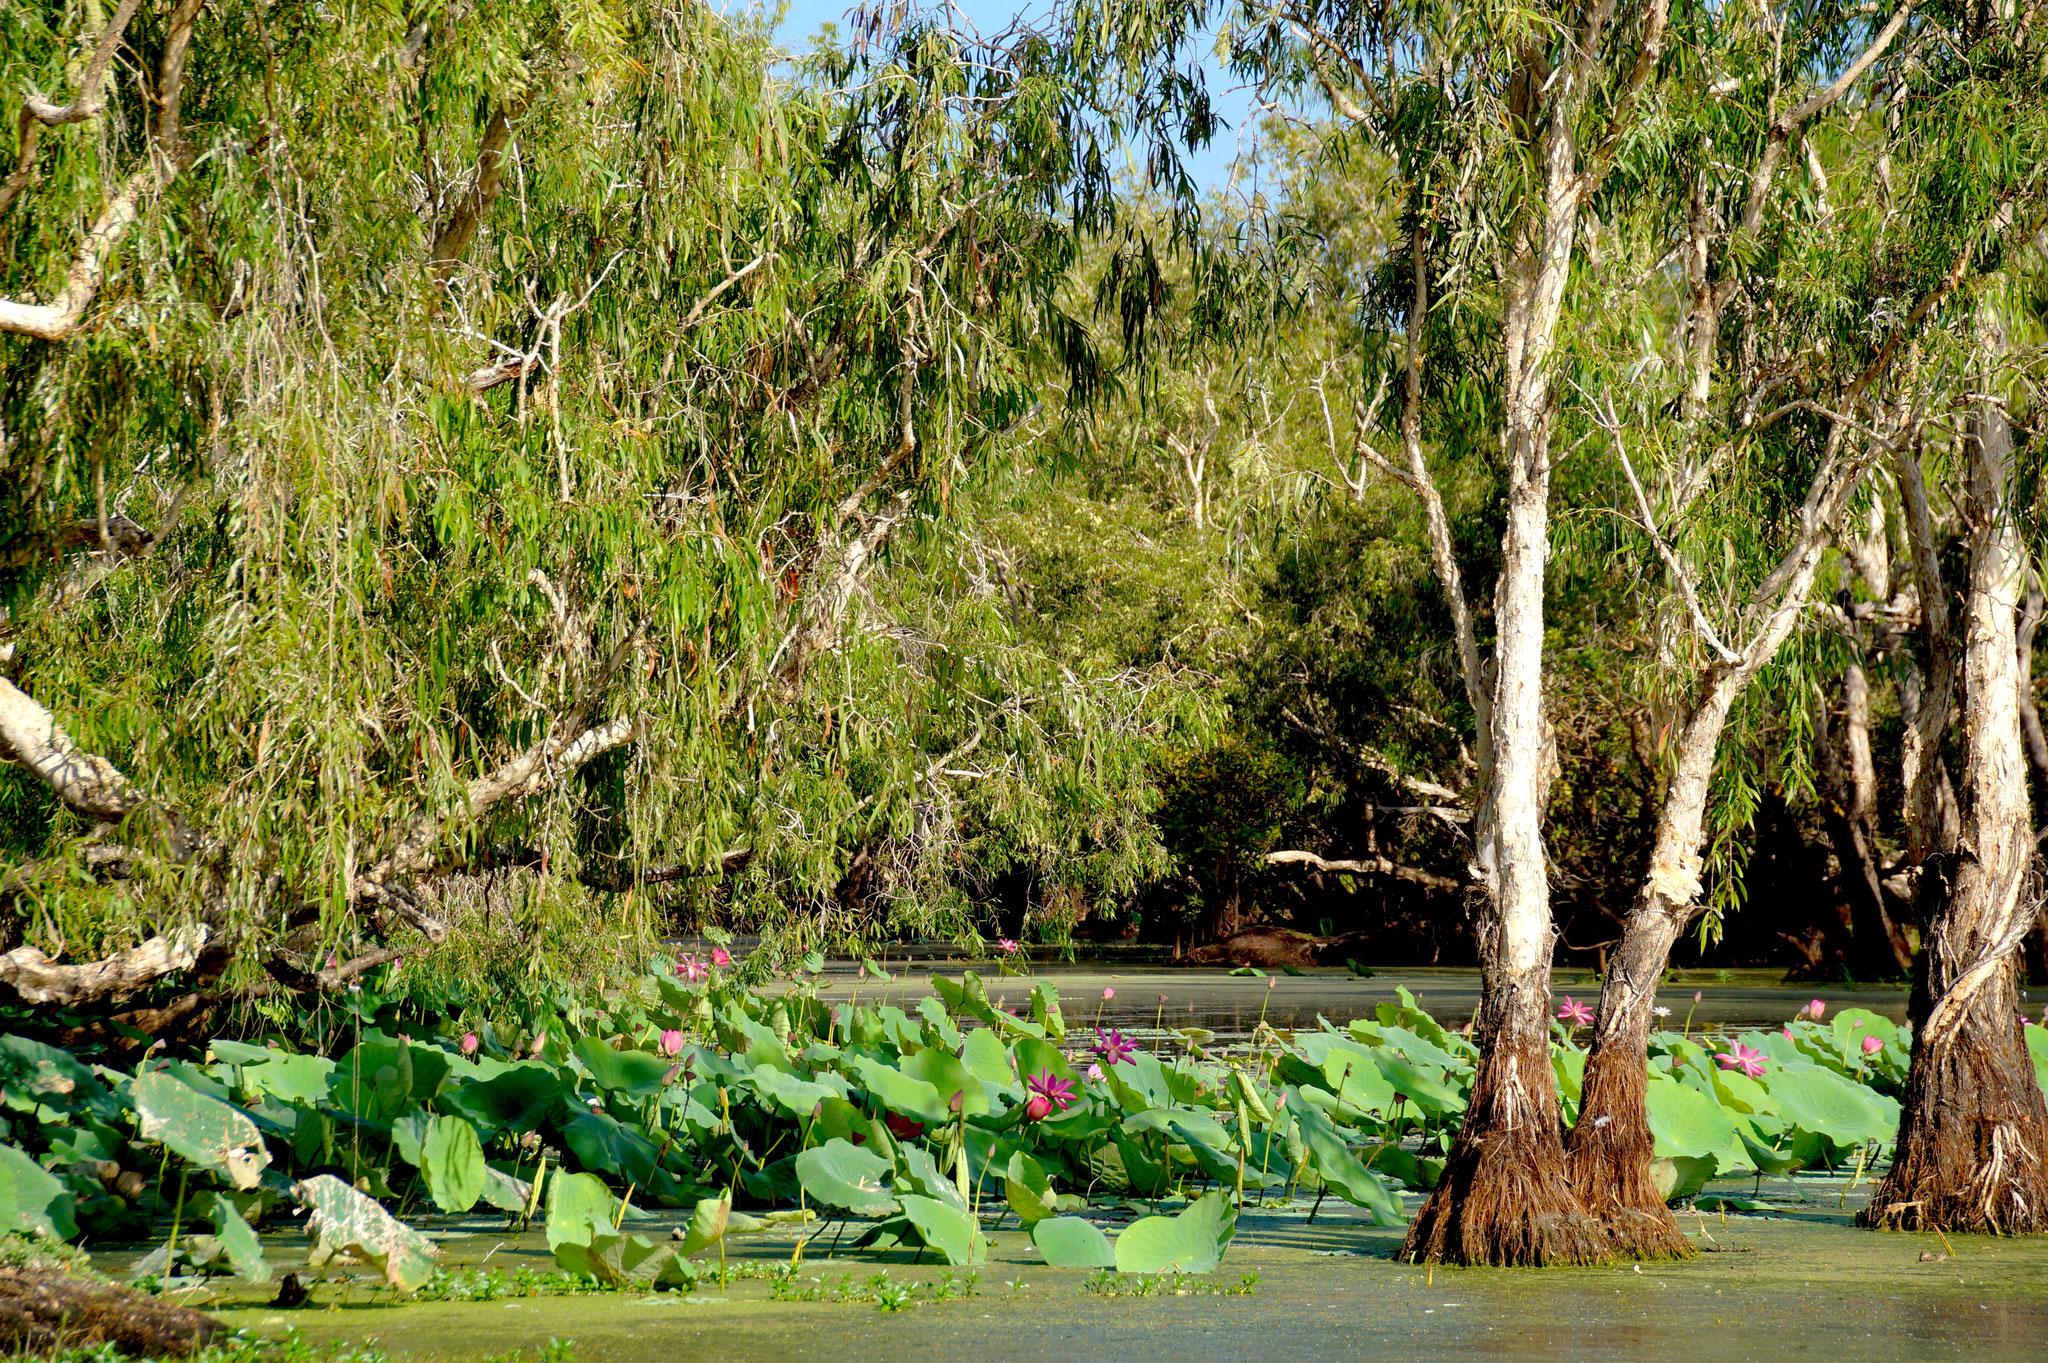 Einblick in die bezaubernde Wasserlandschaft der Mary River Wetlands.